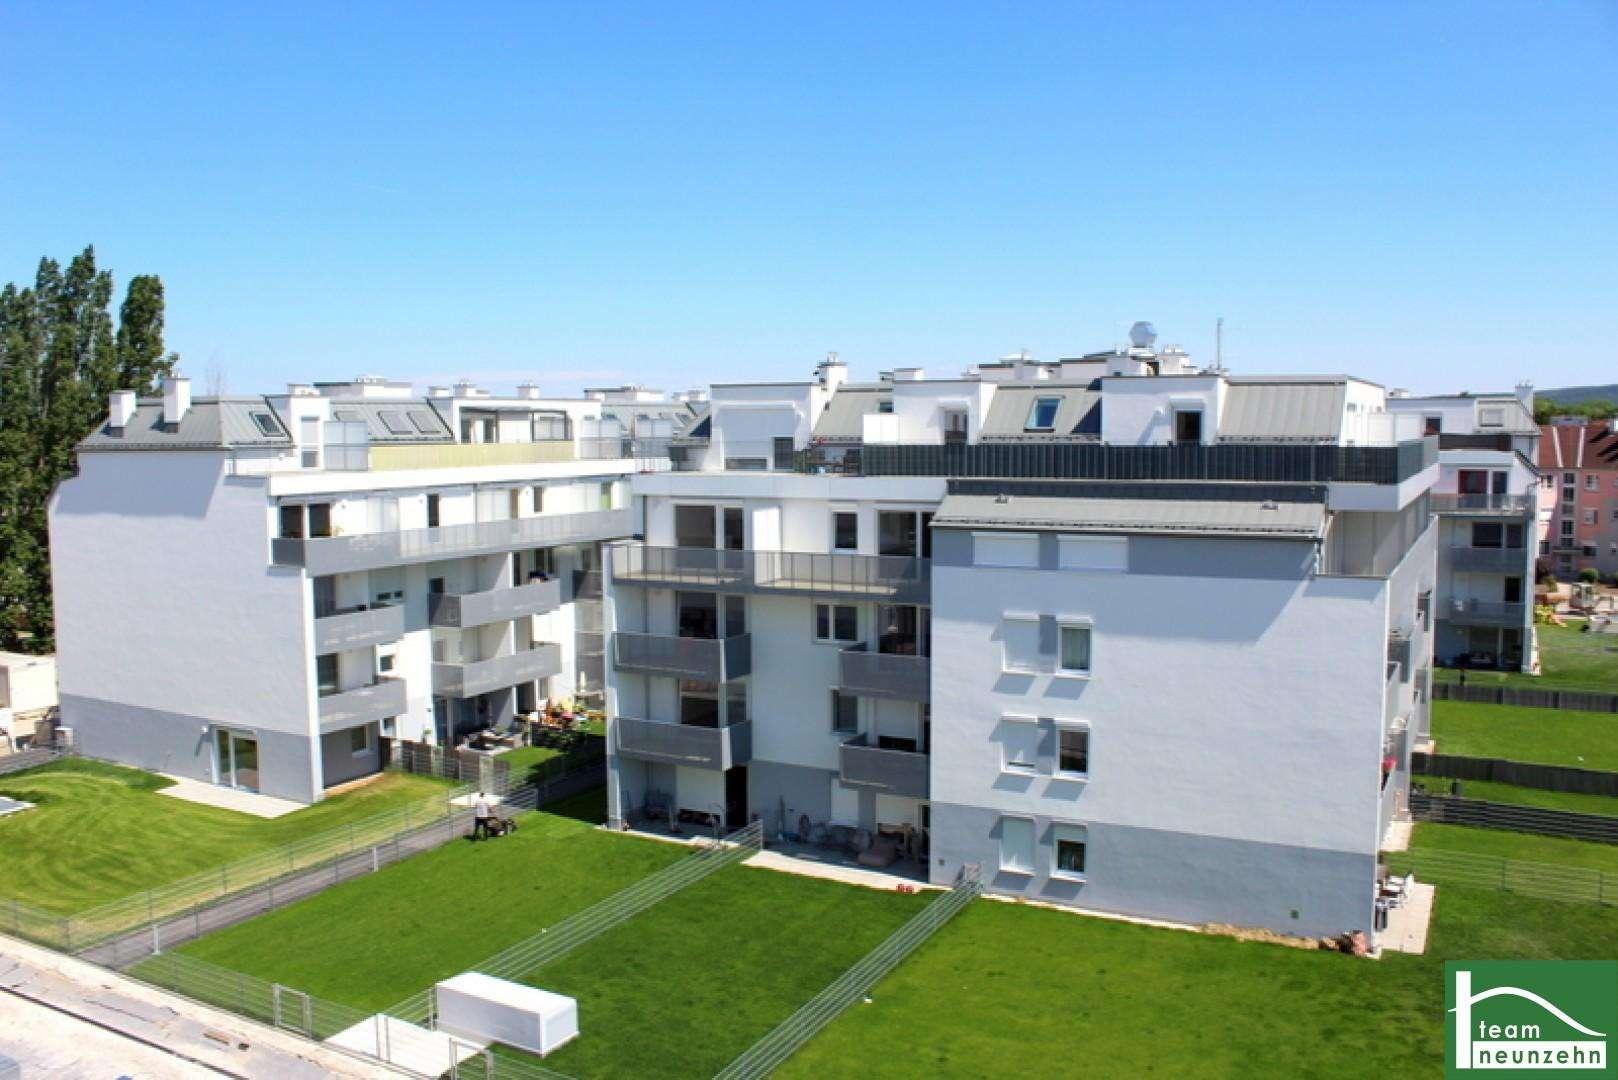 City Quartier! Das Beste aus Stadt und Natur! Wohnen im Herzen von Wiener Neustadt Moderne Erstbezugswohnung!